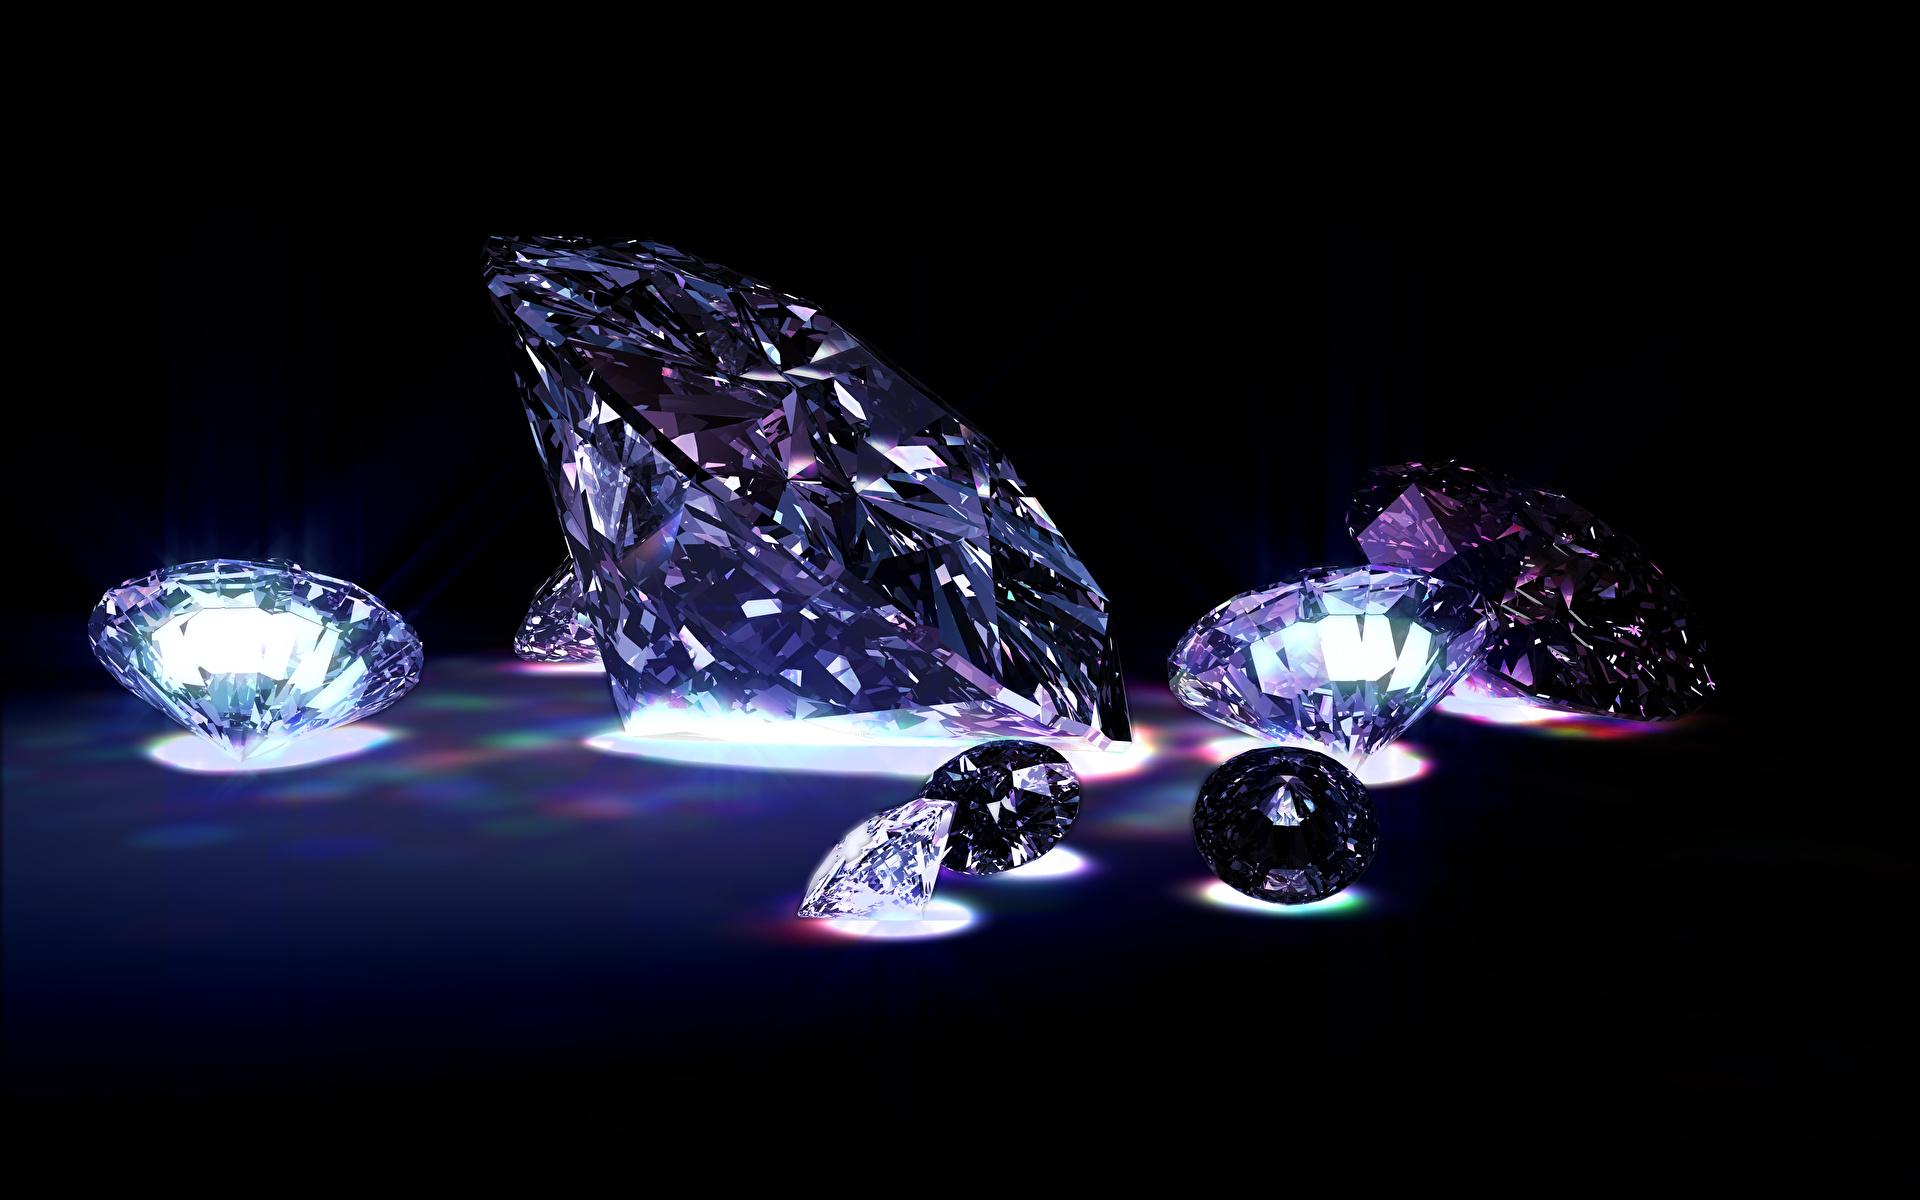 Фотографии Бриллиант Черный фон 1920x1200 алмаз обработанный